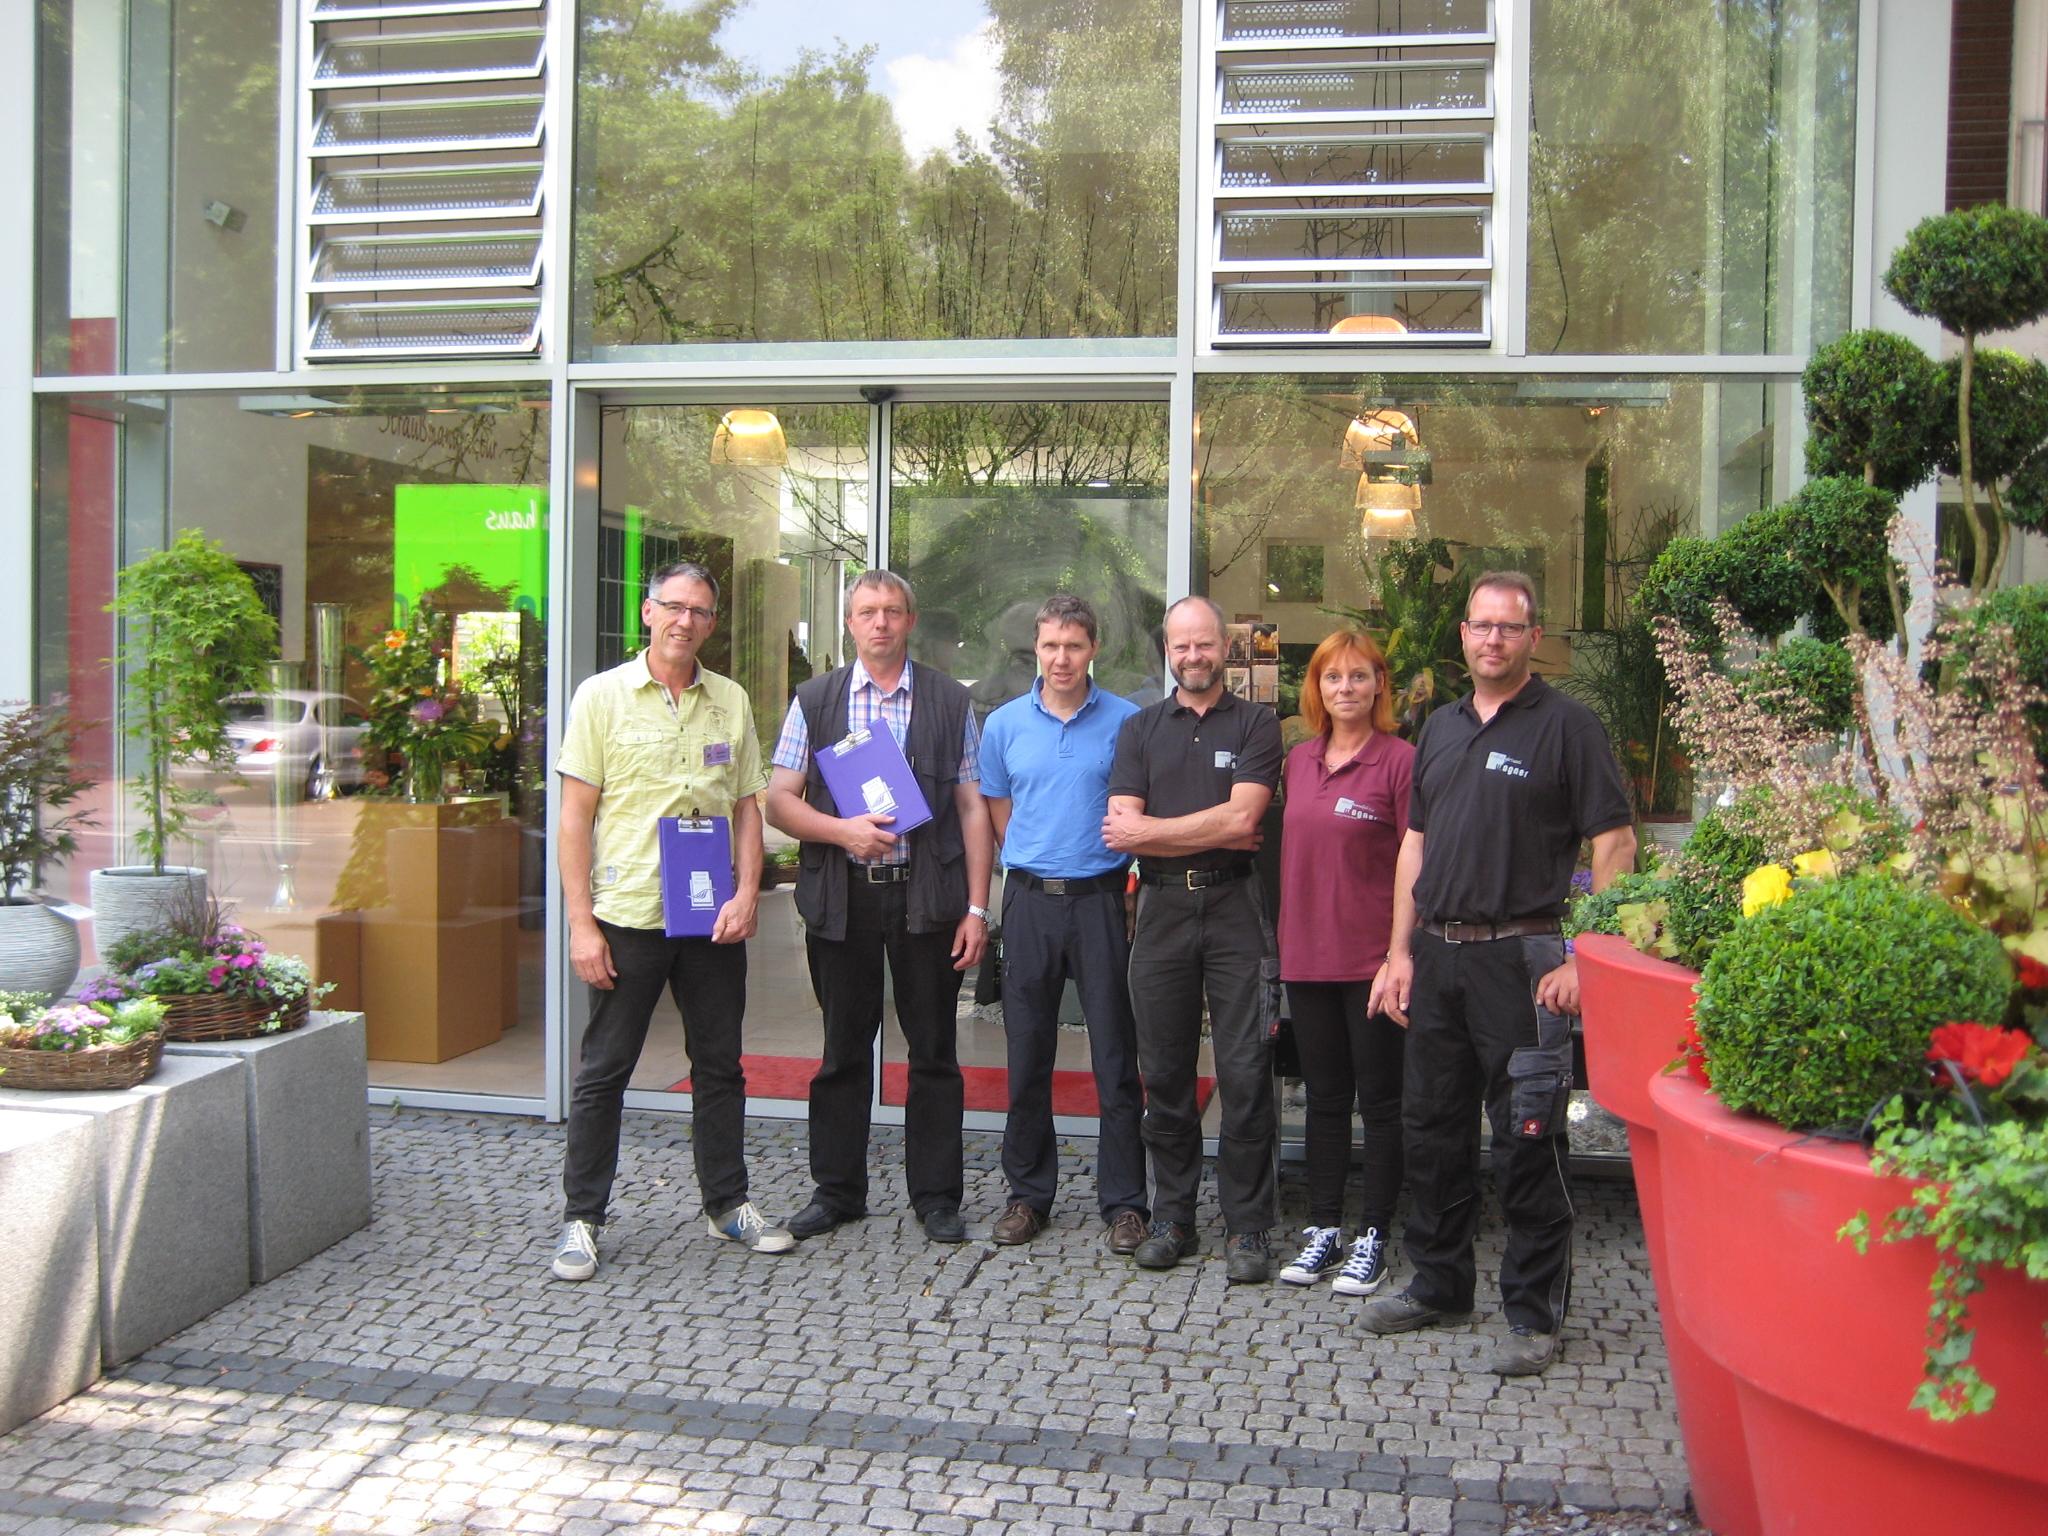 Gartenbau Dortmund zeichen für höchste qualität überprüfter fachbetrieb